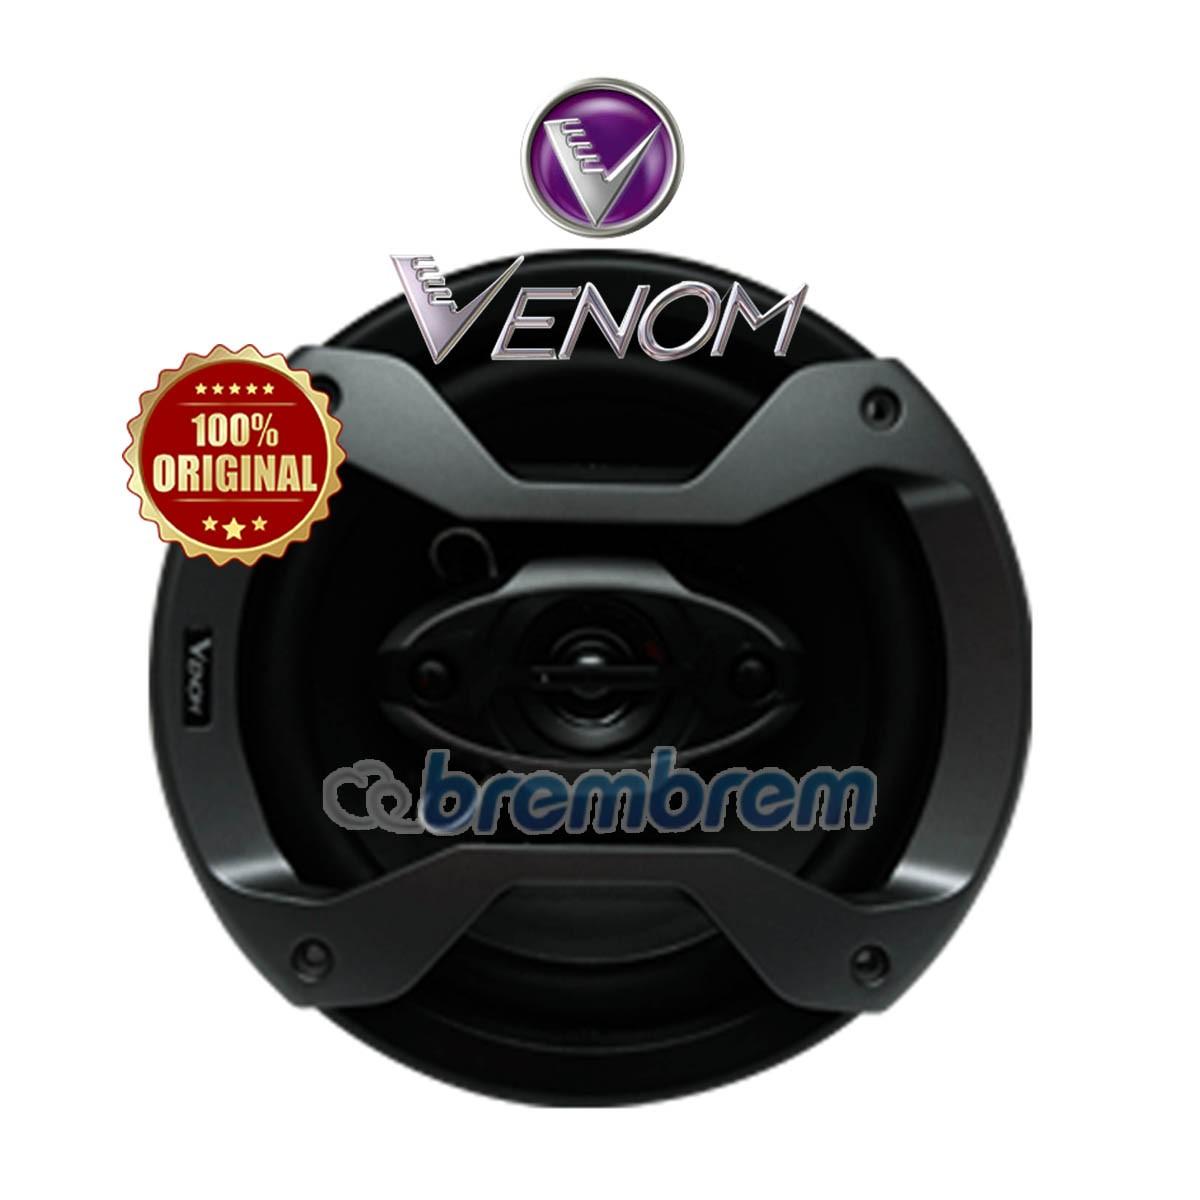 VENOM VERTIGO SERIES VT 603 - SPEAKER COAXIAL